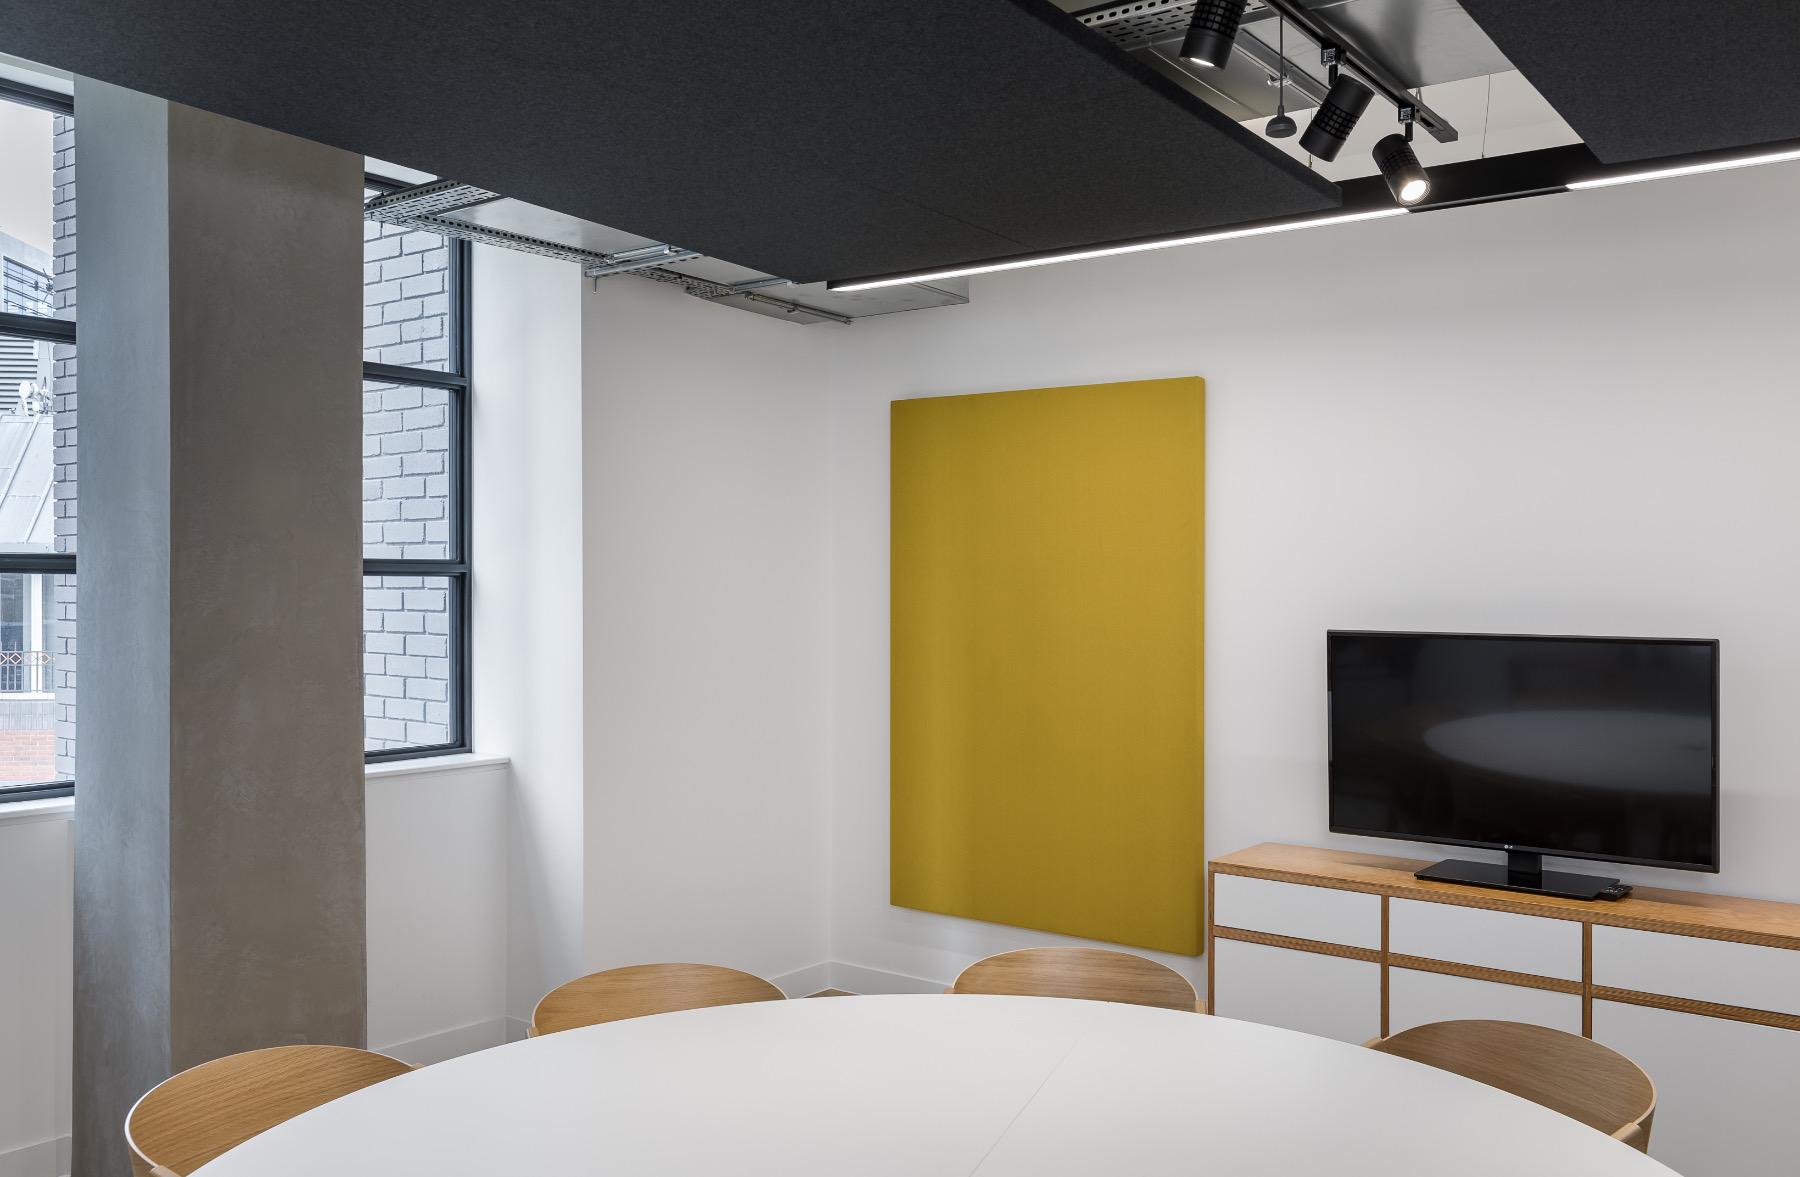 mccglc-london-office-10